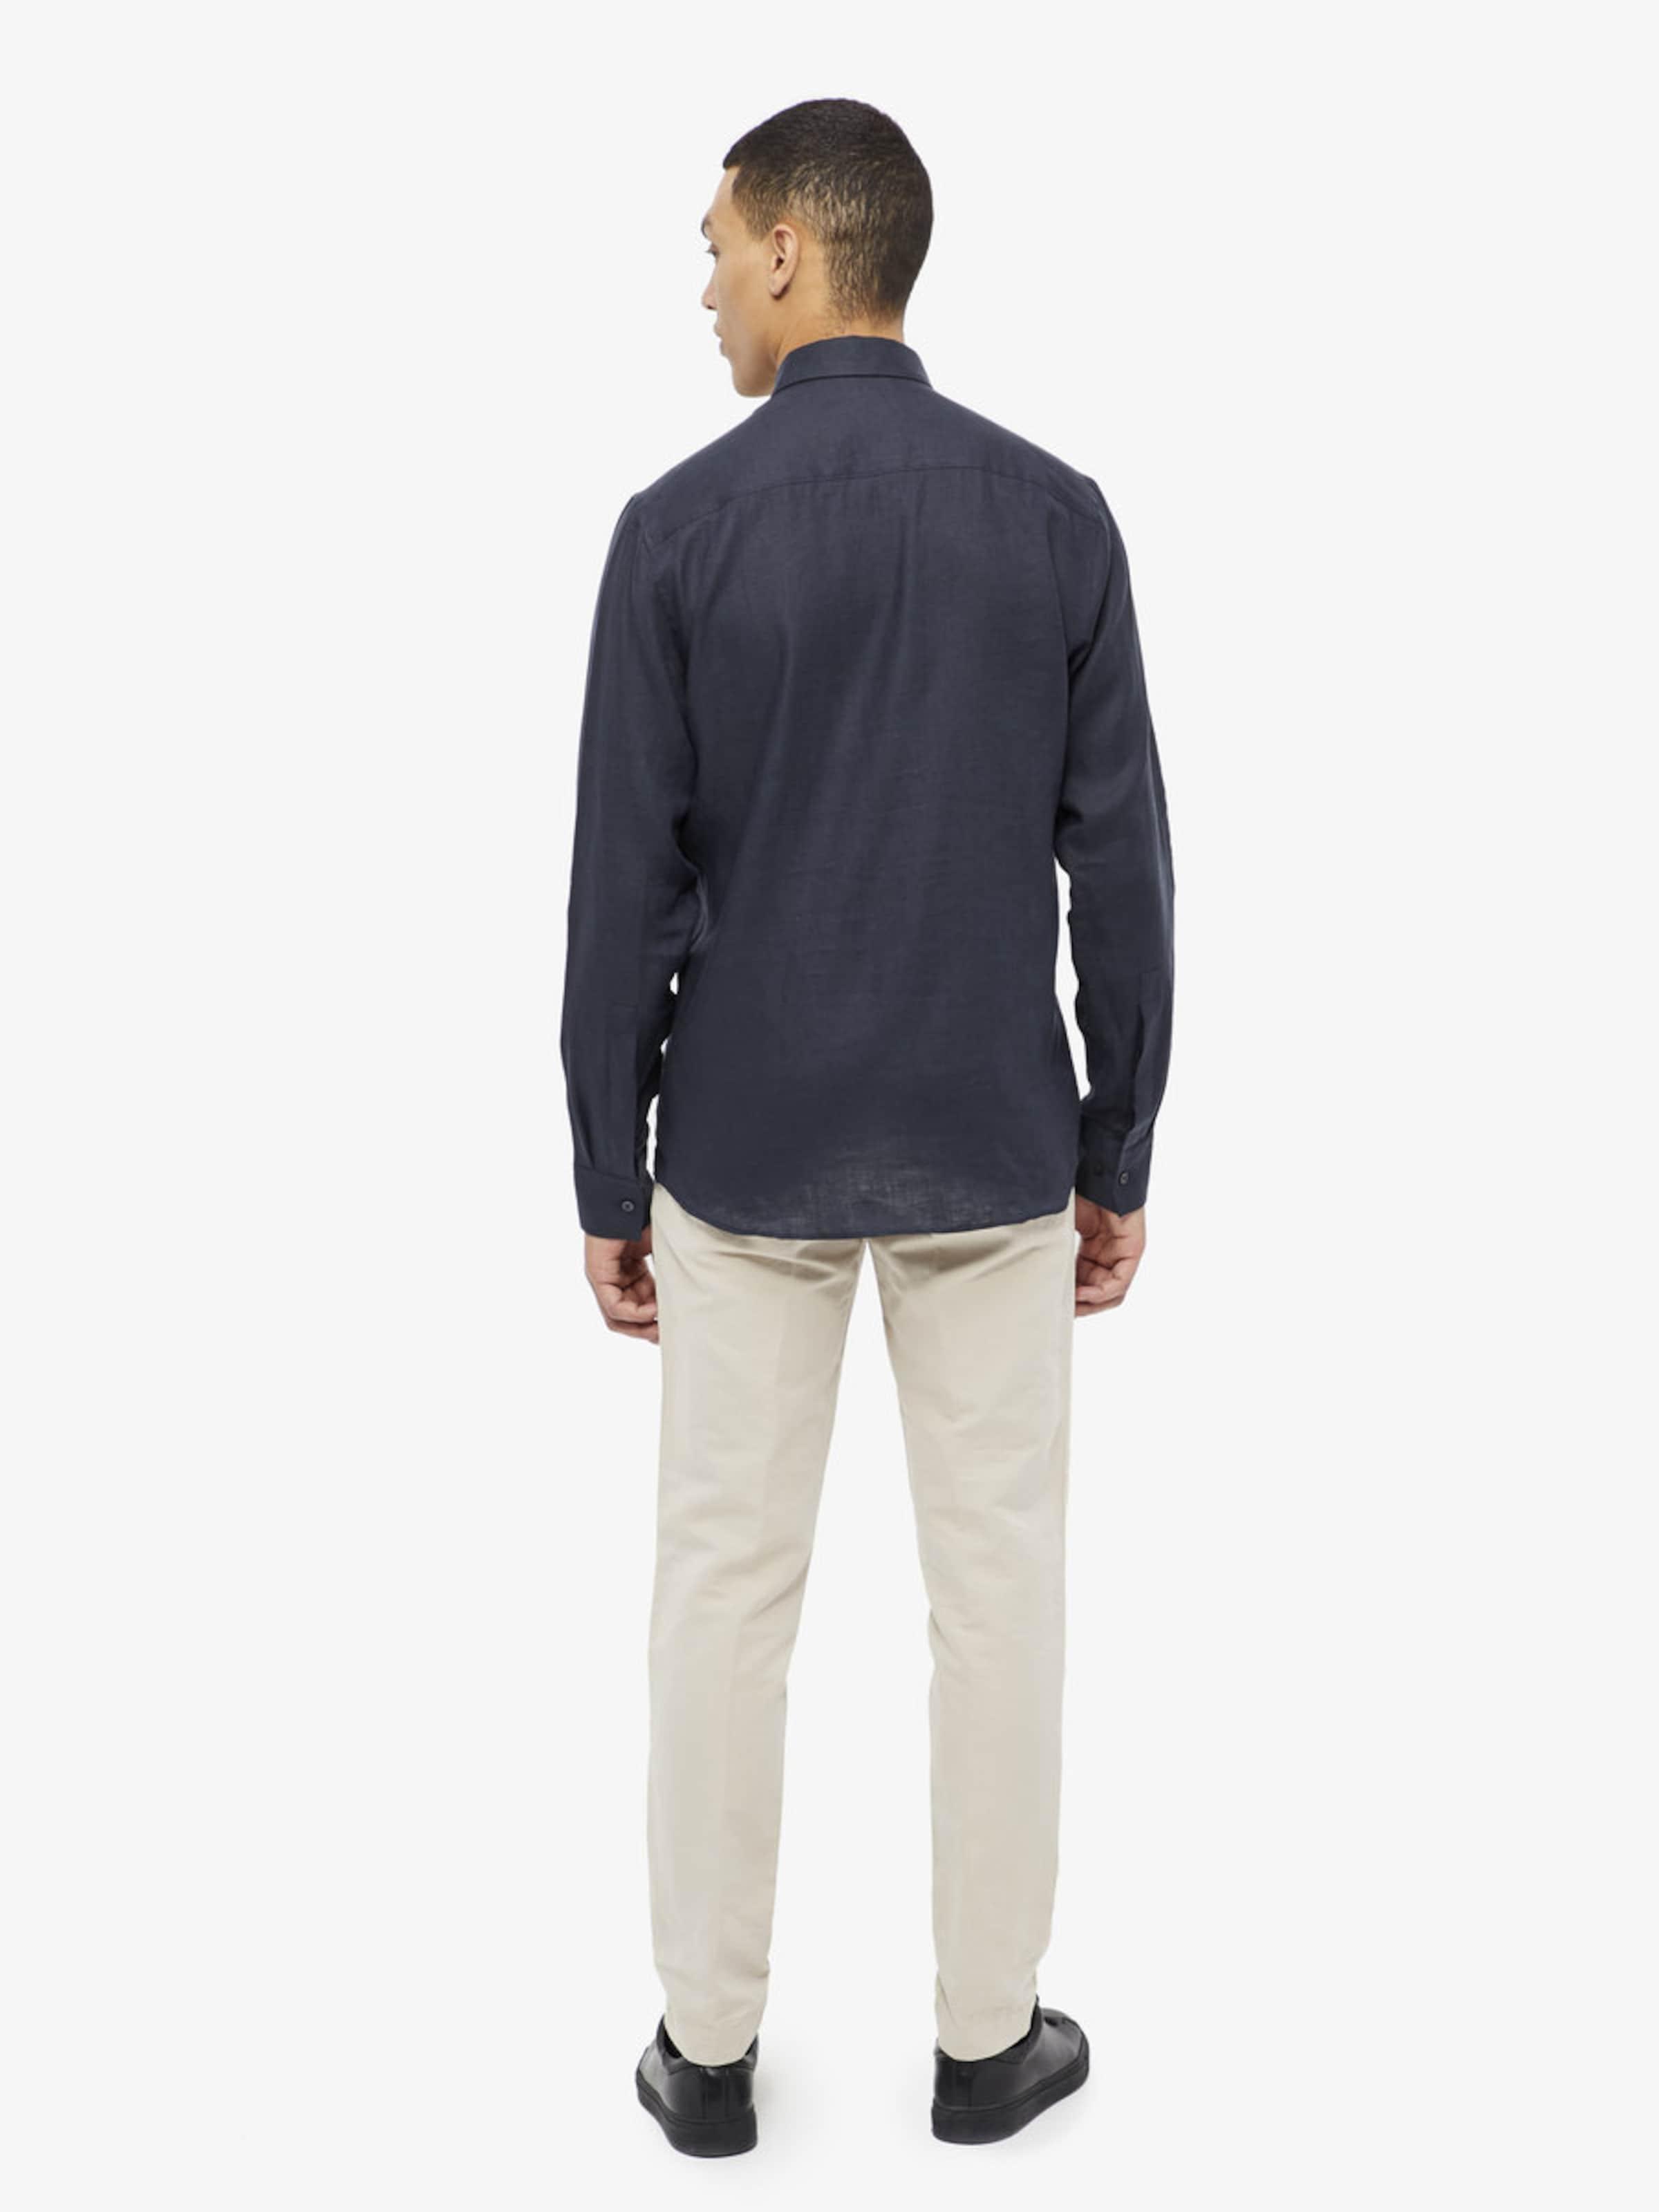 J.Lindeberg 'Daniel' Leinen Melange Hemd Verkauf Countdown-Paket Countdown-Paket Günstig Kaufen Niedriger Preis Versandgebühr Hh8LJAry4